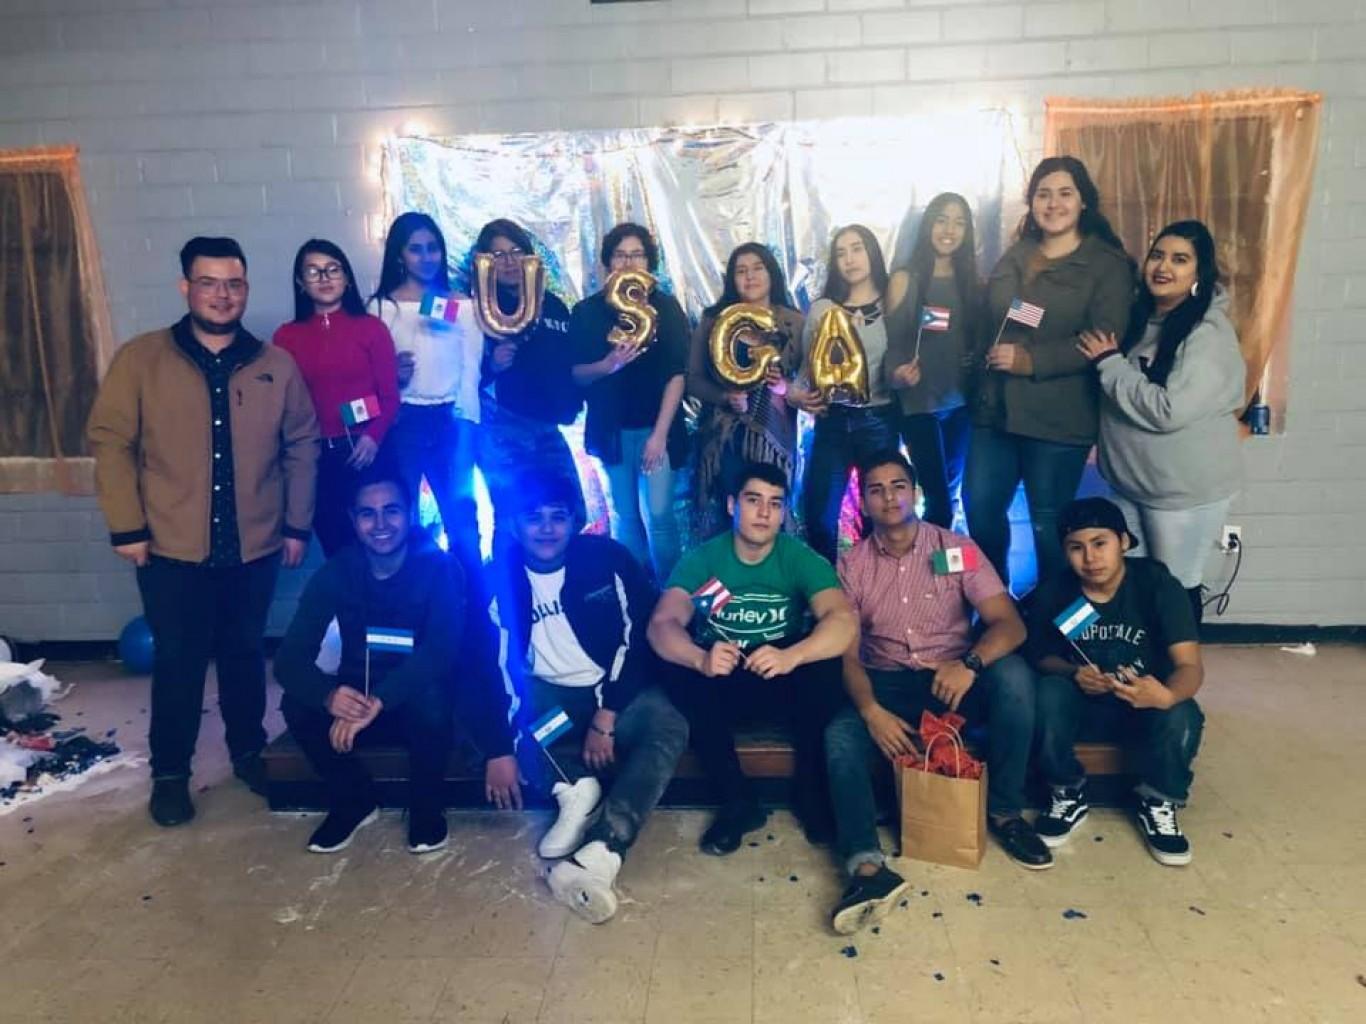 U.S. Grant en Acción:  Continuando el Legado  y Nuestra Cultura